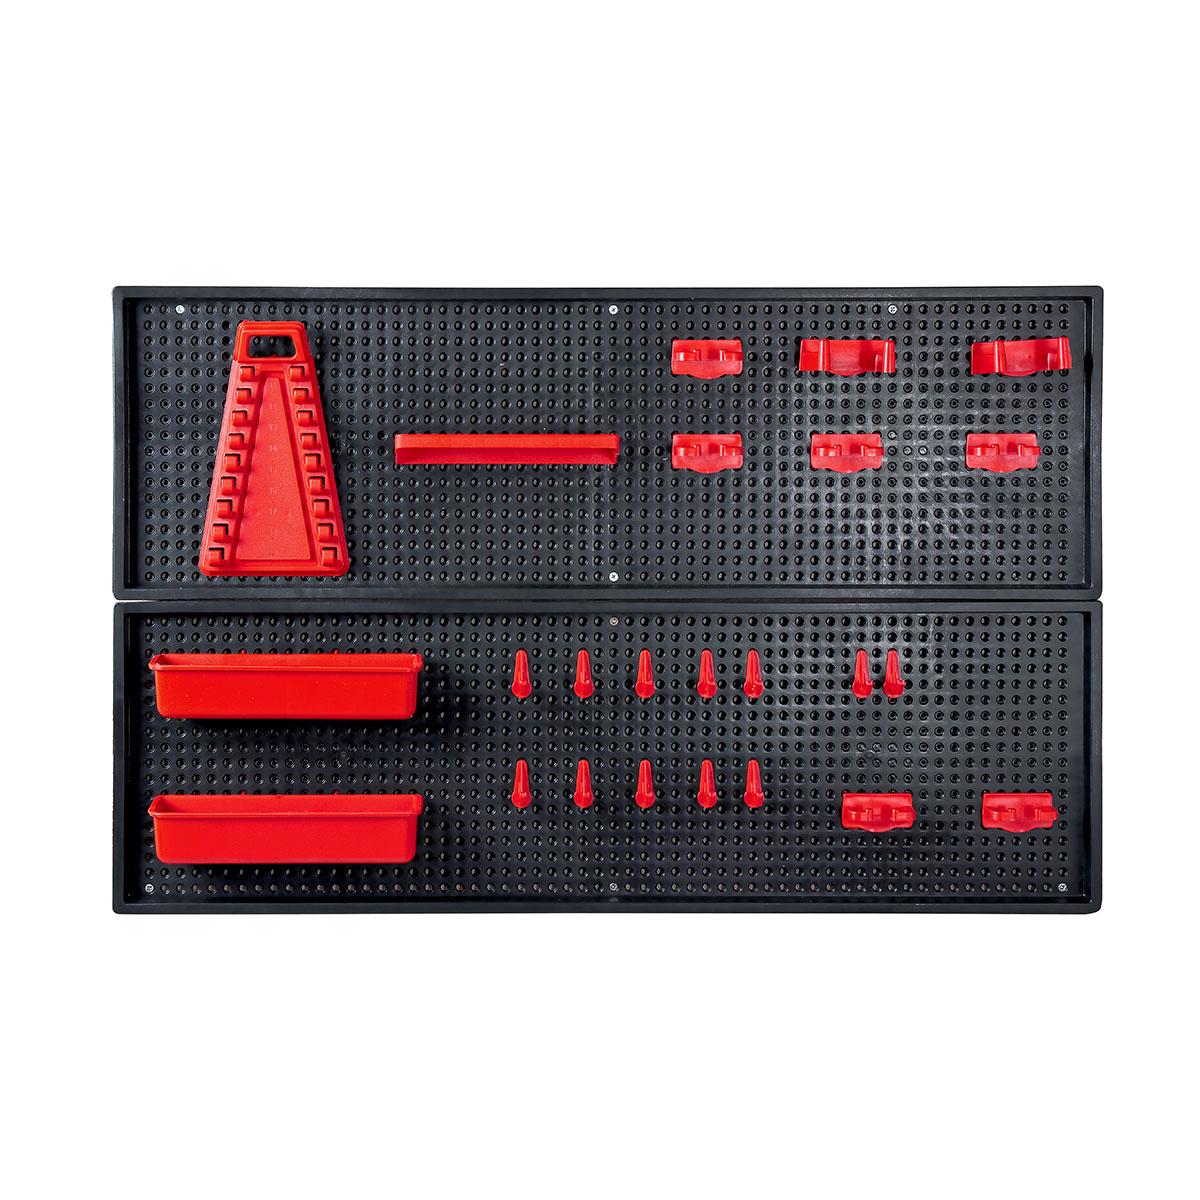 panneau porte outil perfor accessoires rouges patrol group. Black Bedroom Furniture Sets. Home Design Ideas